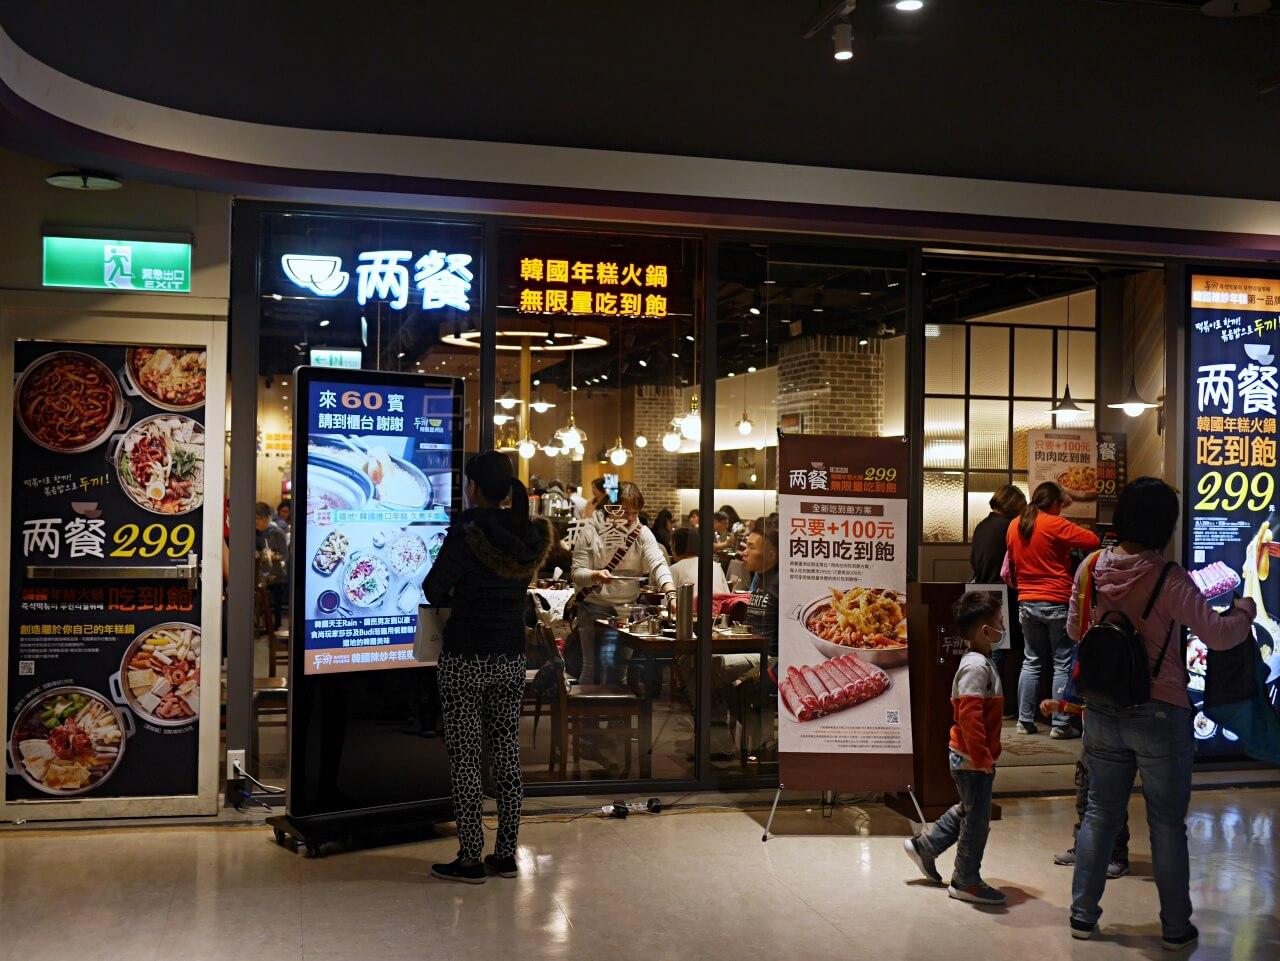 兩餐두끼韓國年糕火鍋吃到飽,韓國年糕、炒飯、炸物吃到飽通通超好吃只要299